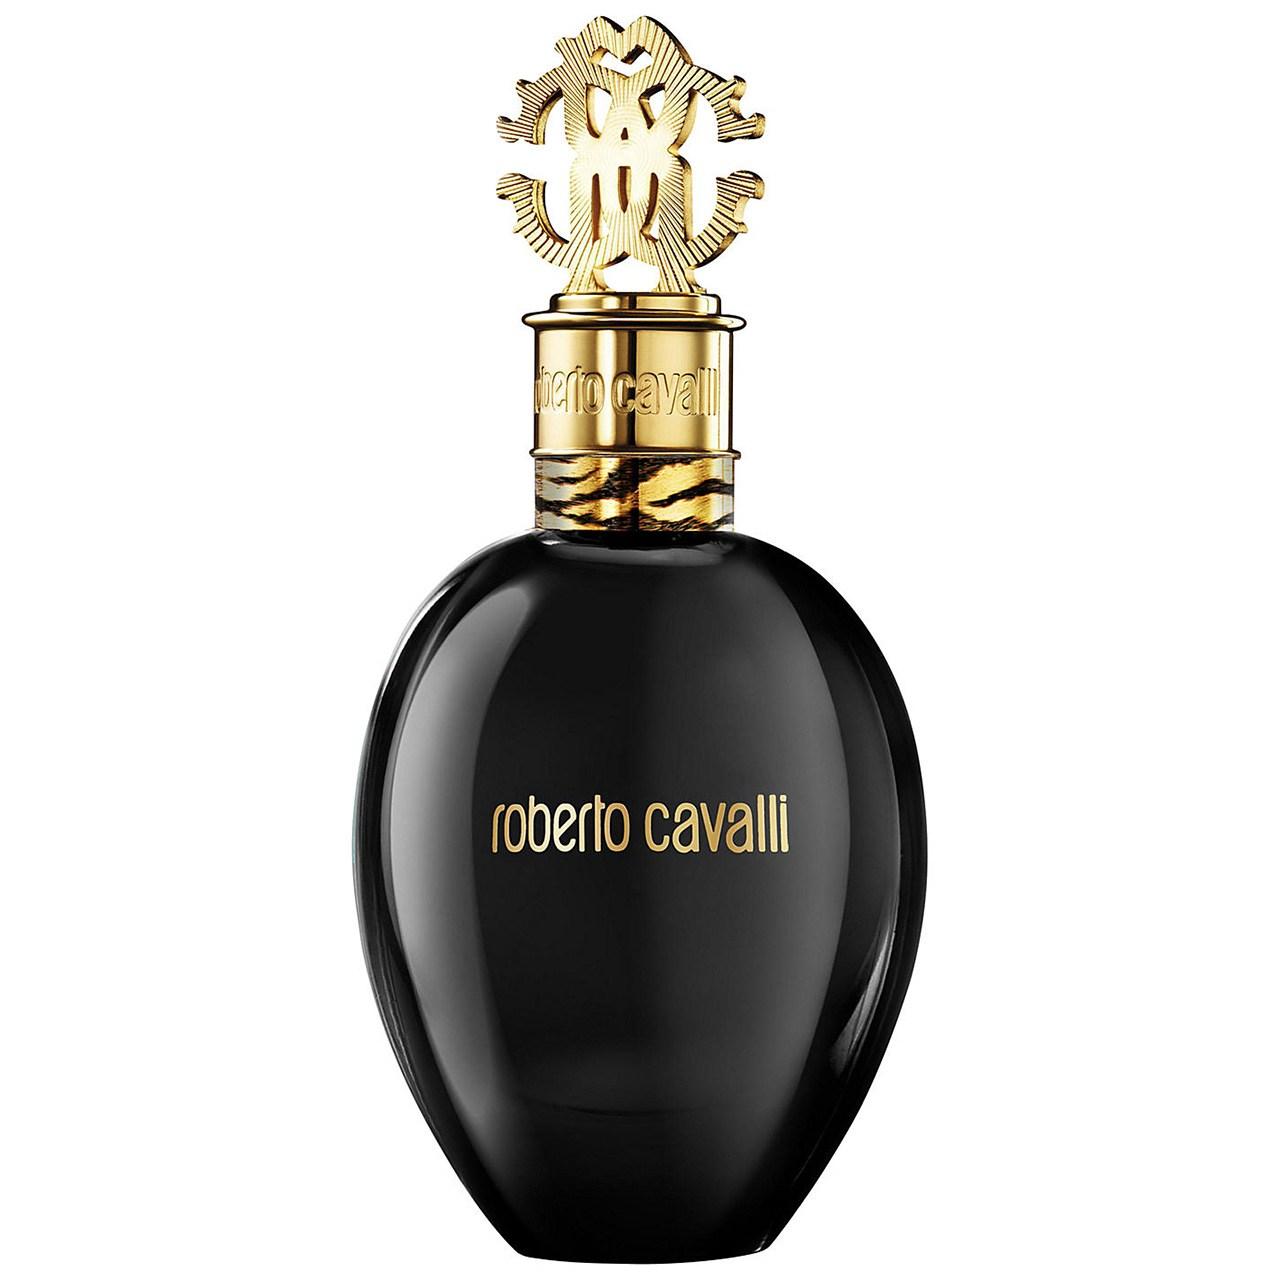 ادو پرفیوم زنانه روبرتو کاوالی مدل Roberto Cavalli Nero Assoluto حجم 75 میلی لیتر